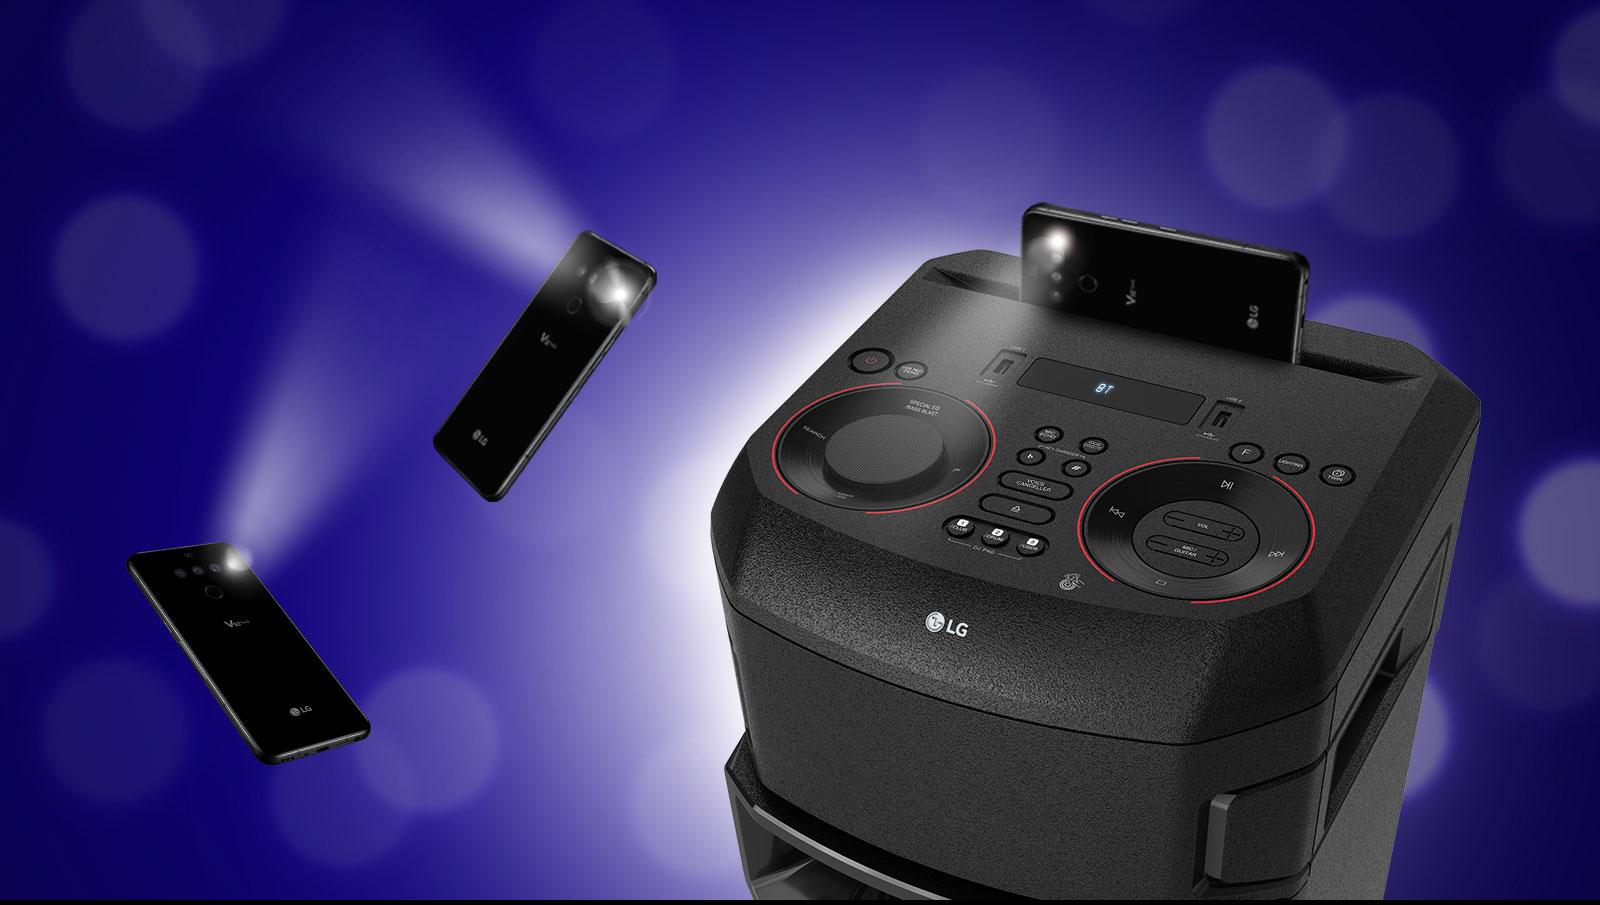 Sincroniza tu Smartphone con el ritmo1